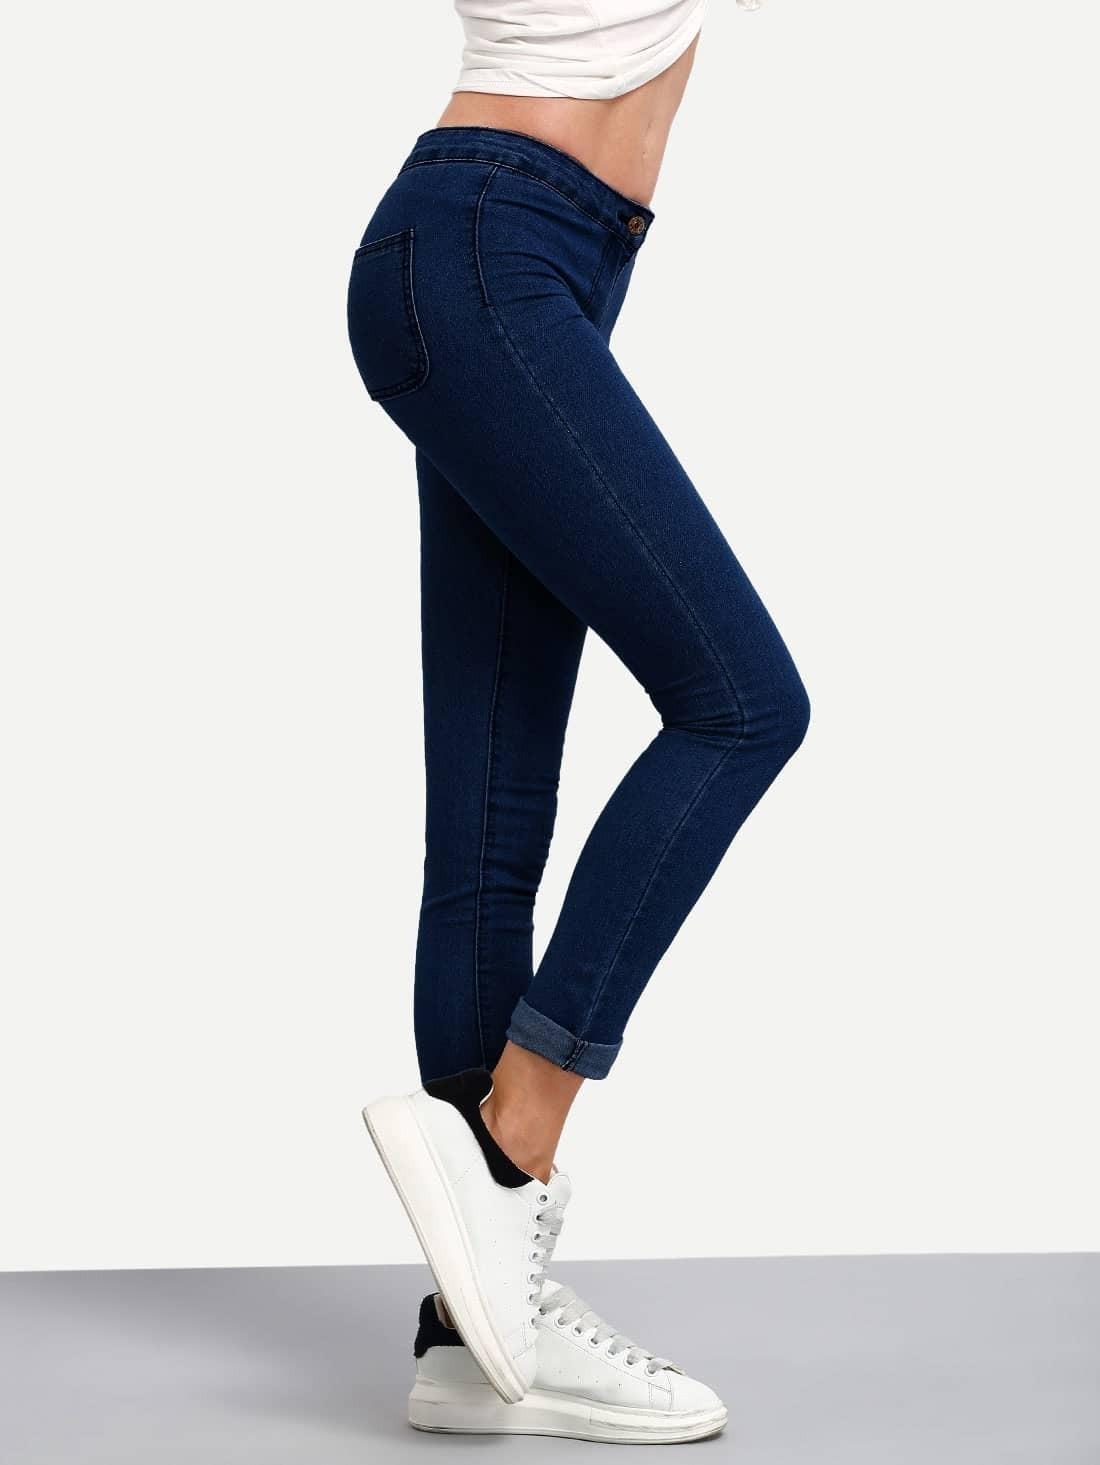 pants170215452_2